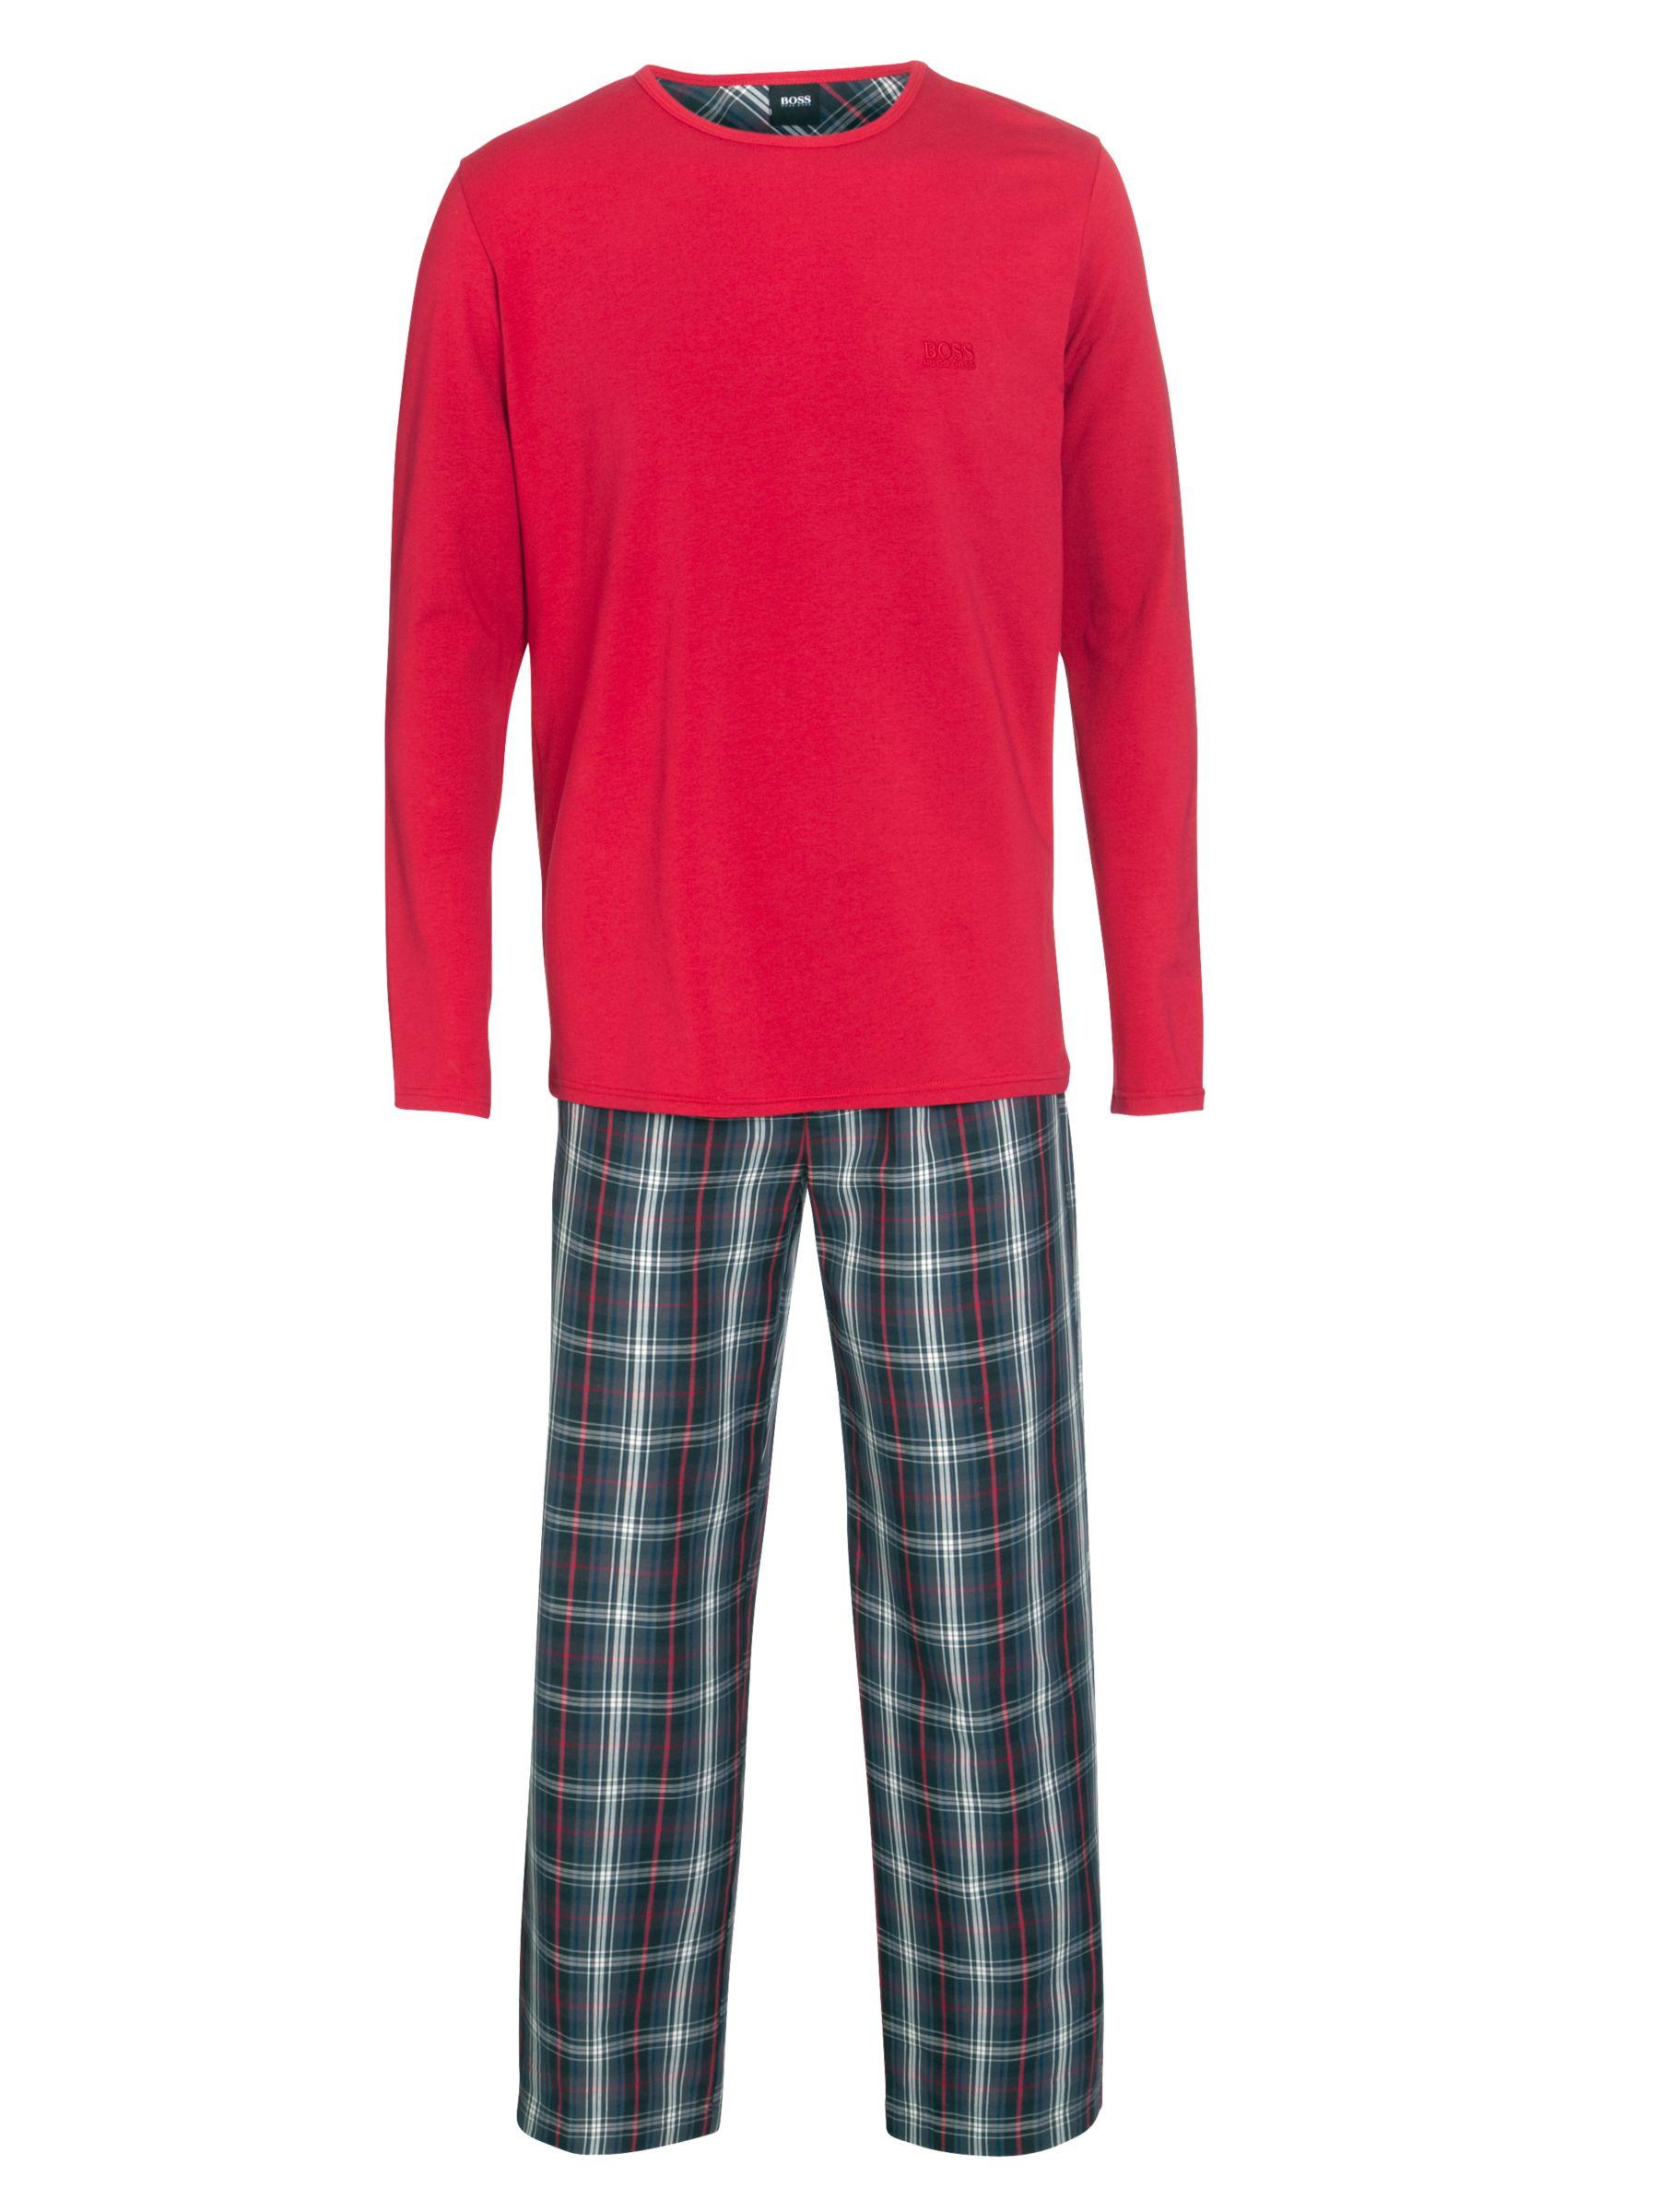 Hugo Boss Plain and Check Pyjamas Set, Multi